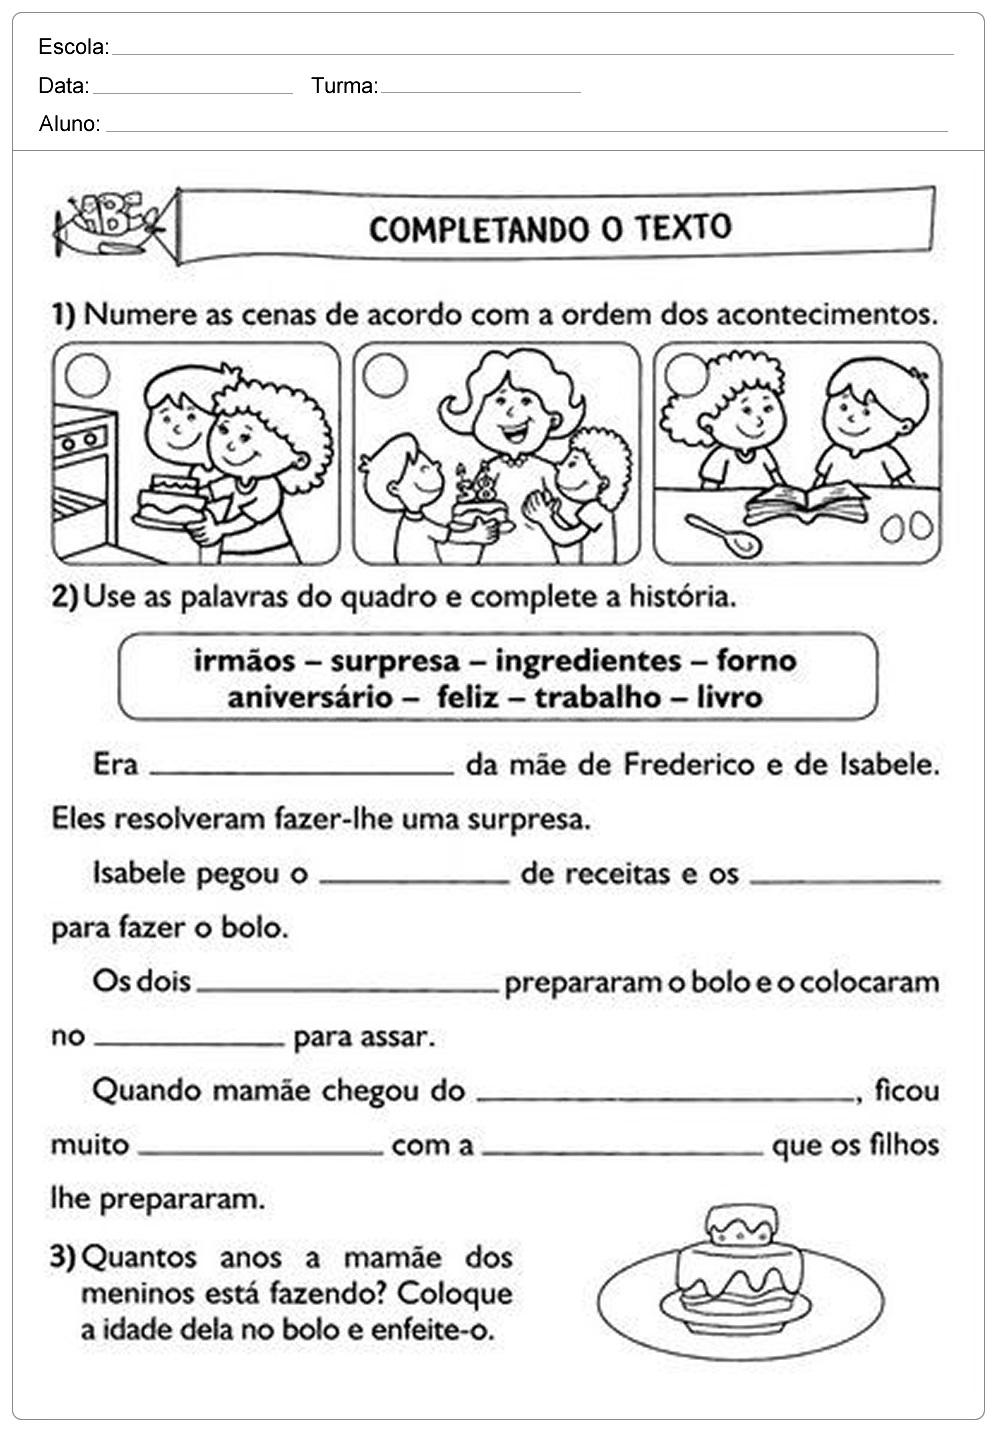 atividades-de-portugues-2-ano-completando-ao-texto